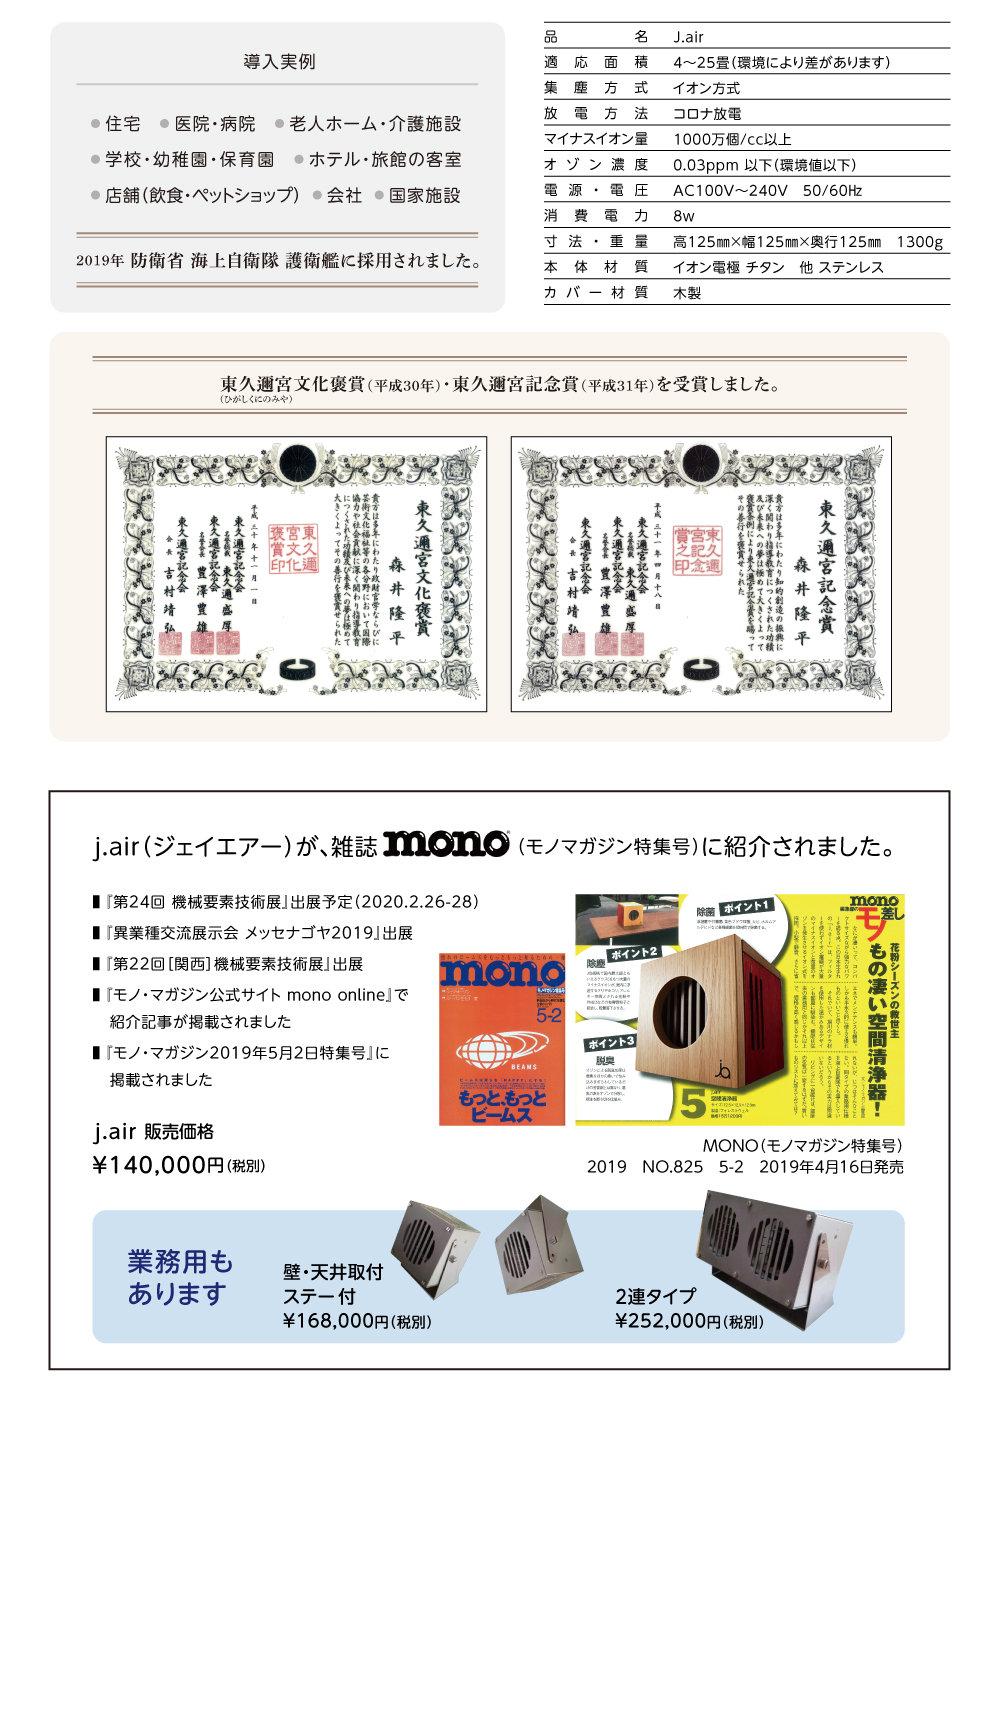 J_air_web_4_1.jpg